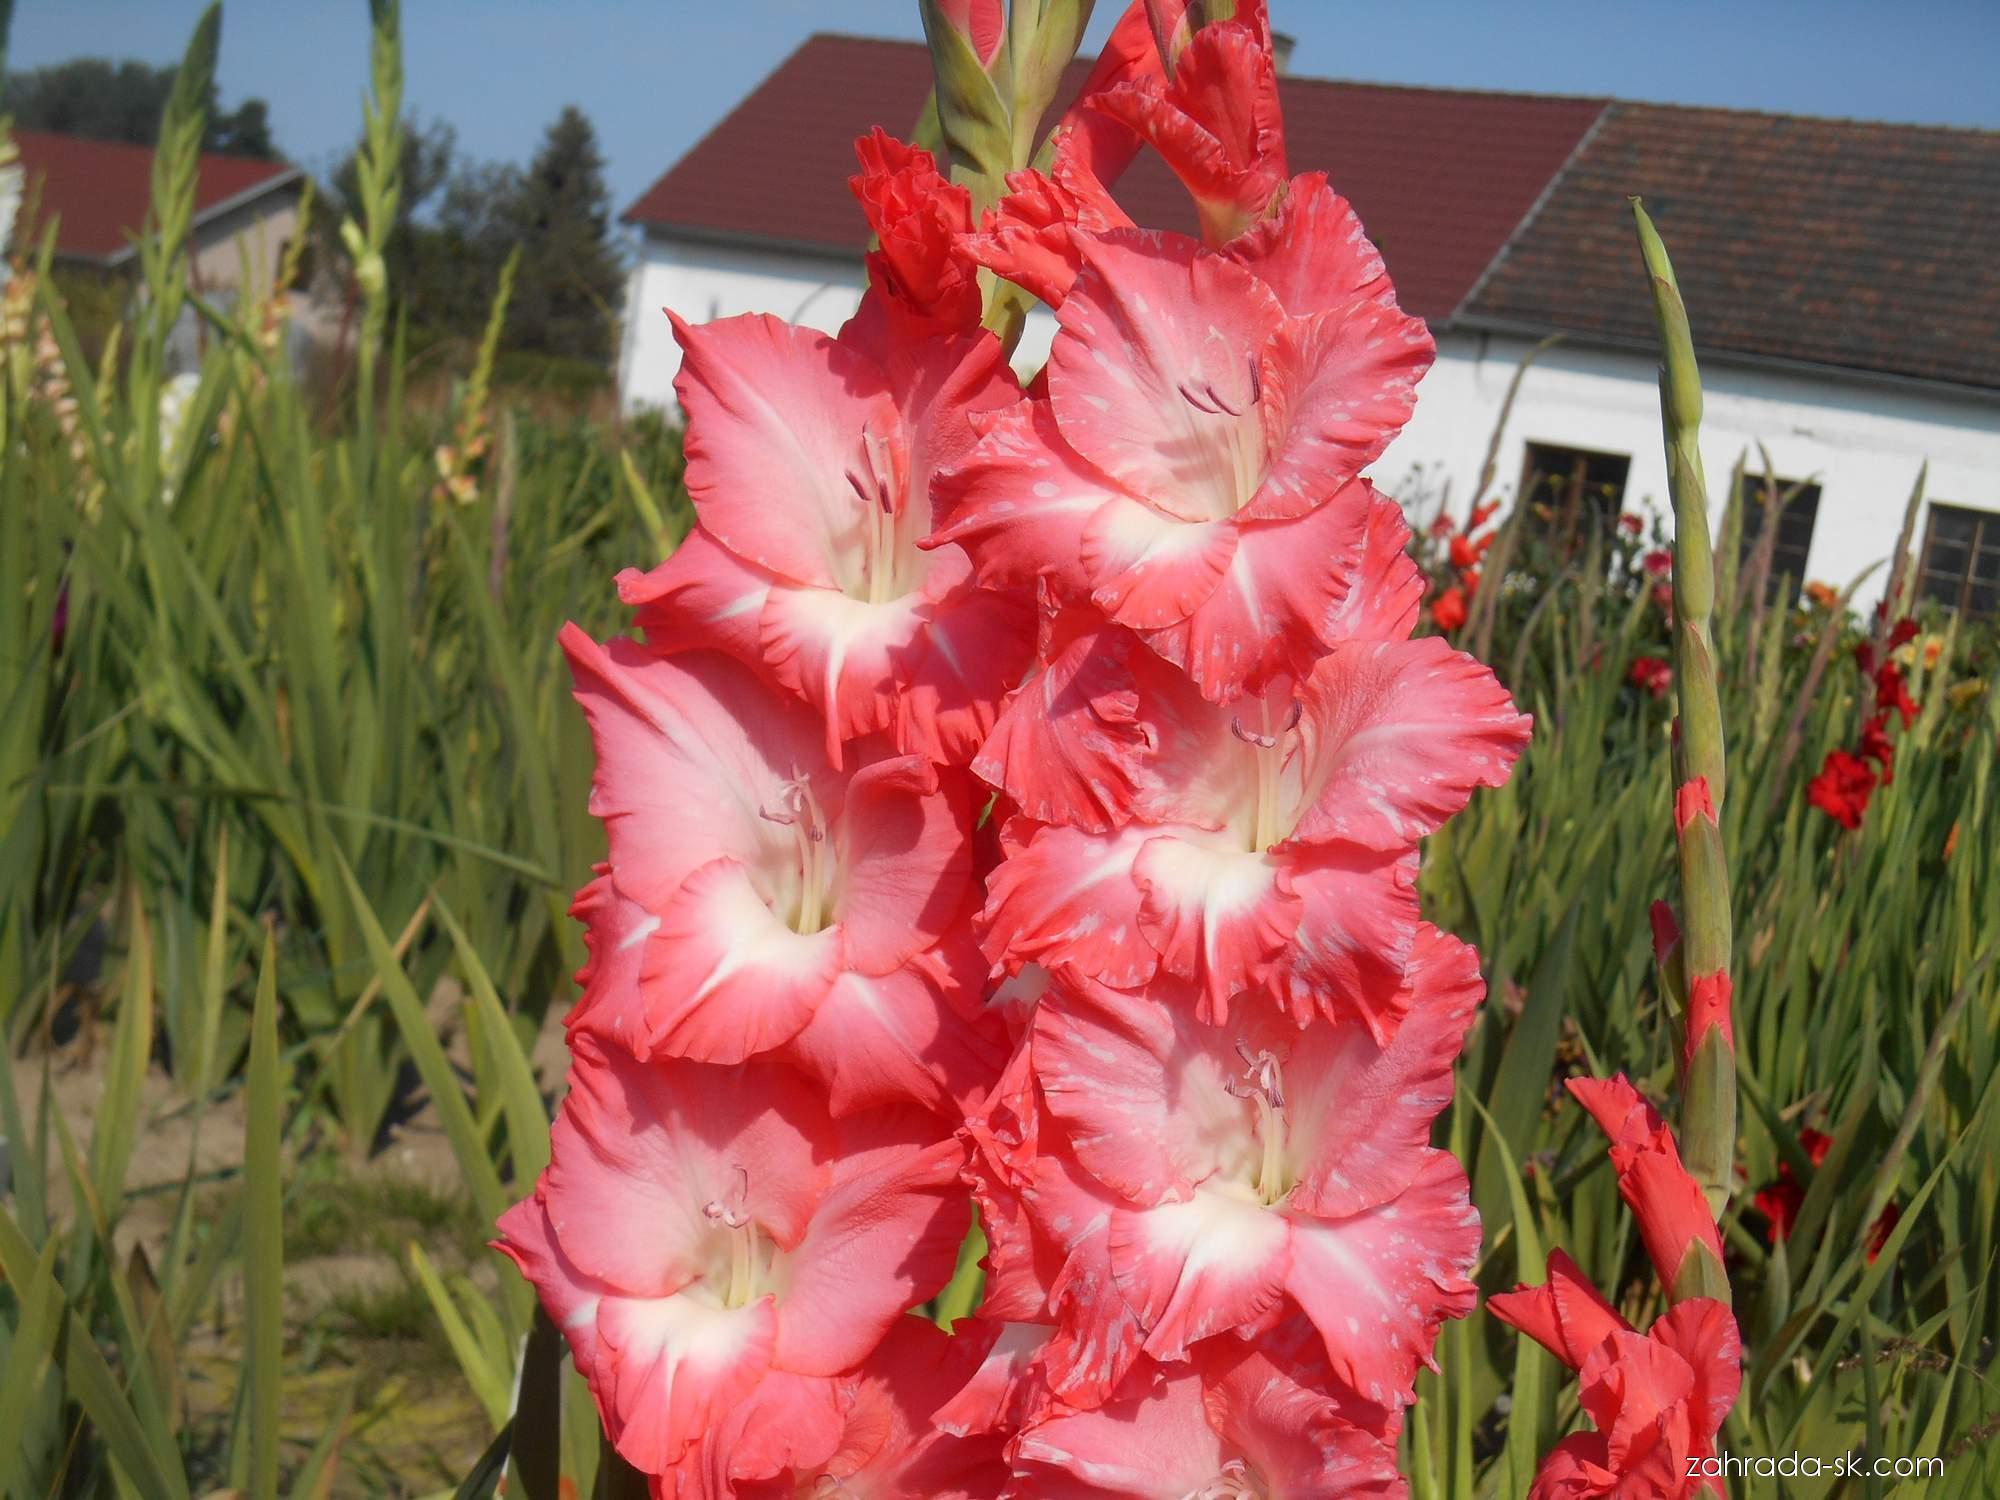 Mečík - Gladiolus Heidi